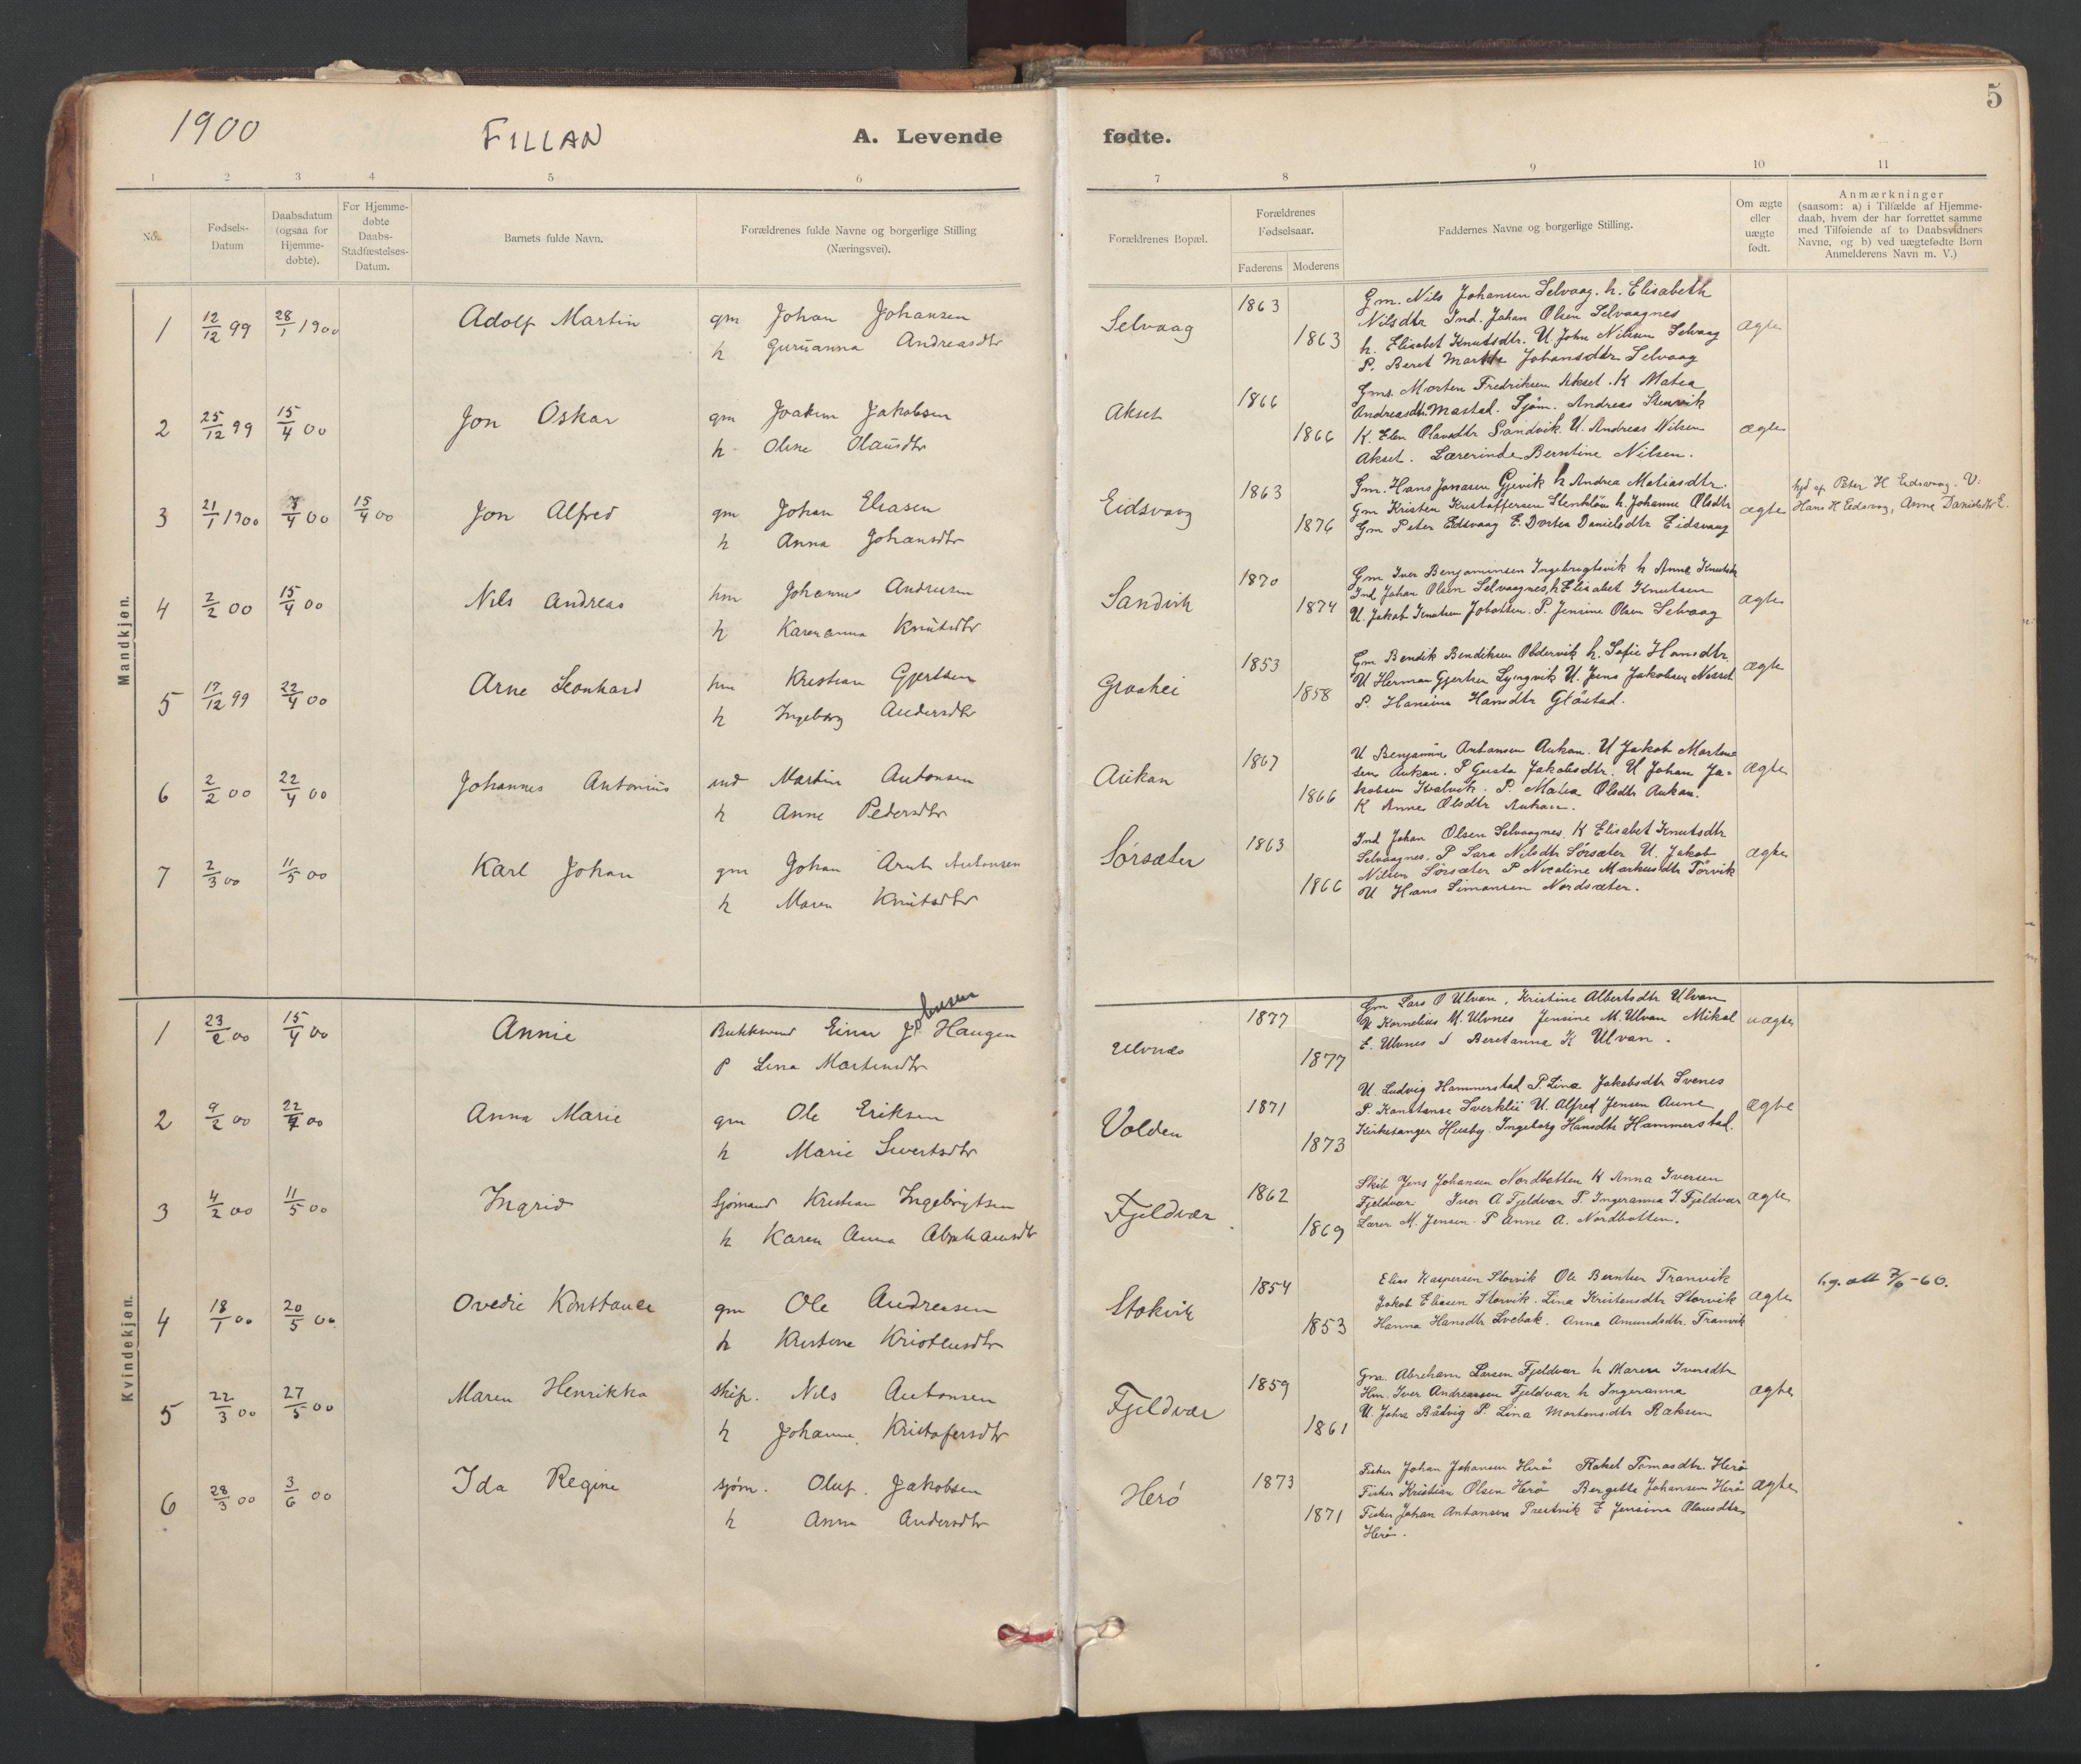 SAT, Ministerialprotokoller, klokkerbøker og fødselsregistre - Sør-Trøndelag, 637/L0559: Ministerialbok nr. 637A02, 1899-1923, s. 5